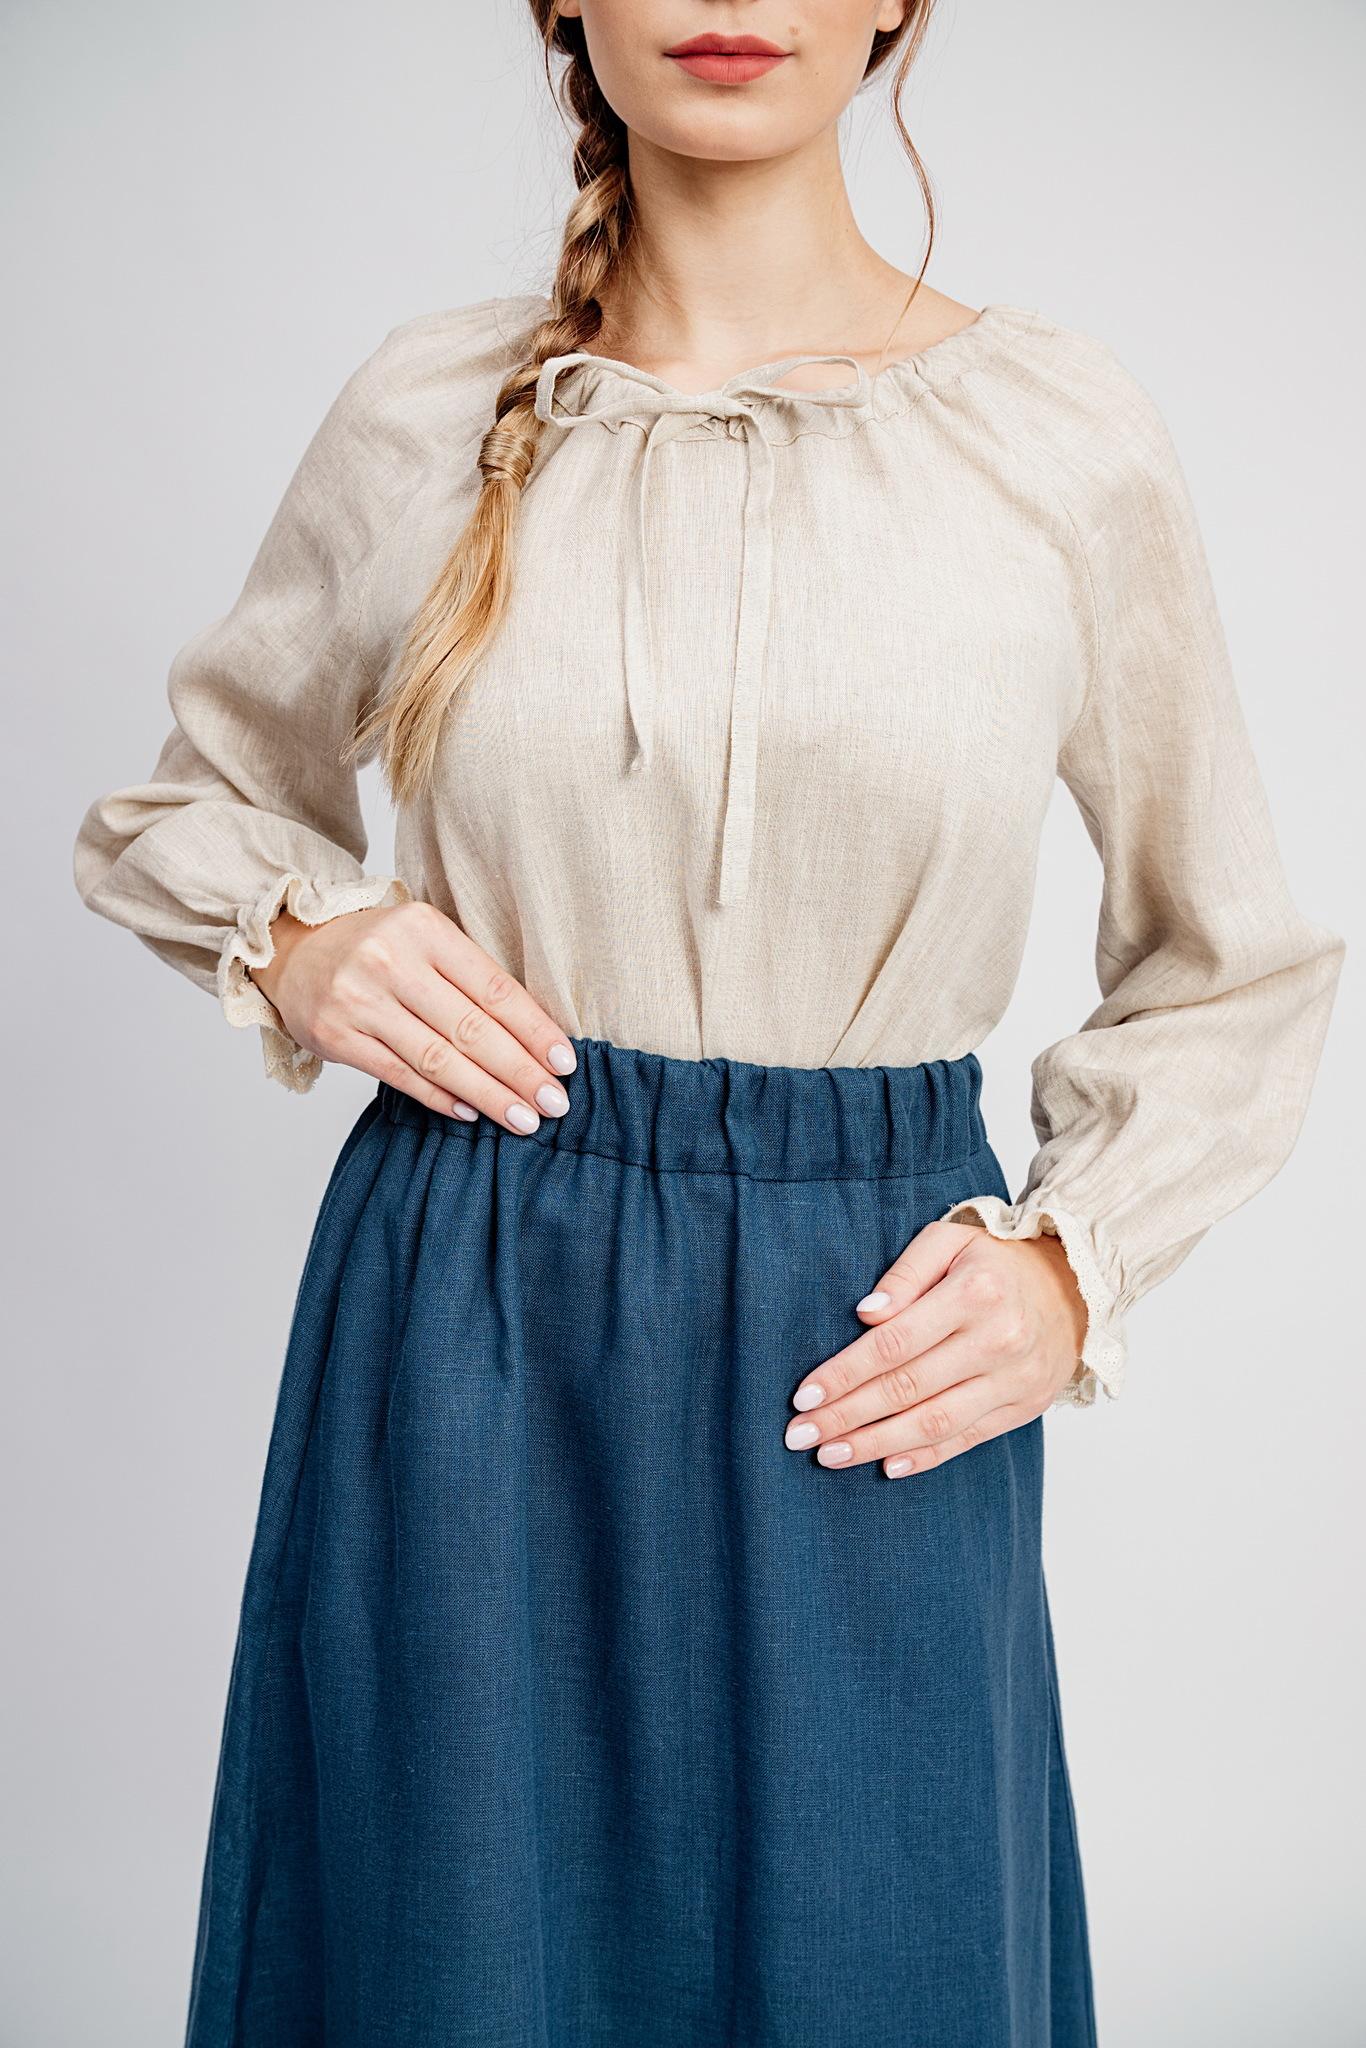 Синий цвет юбки Черника